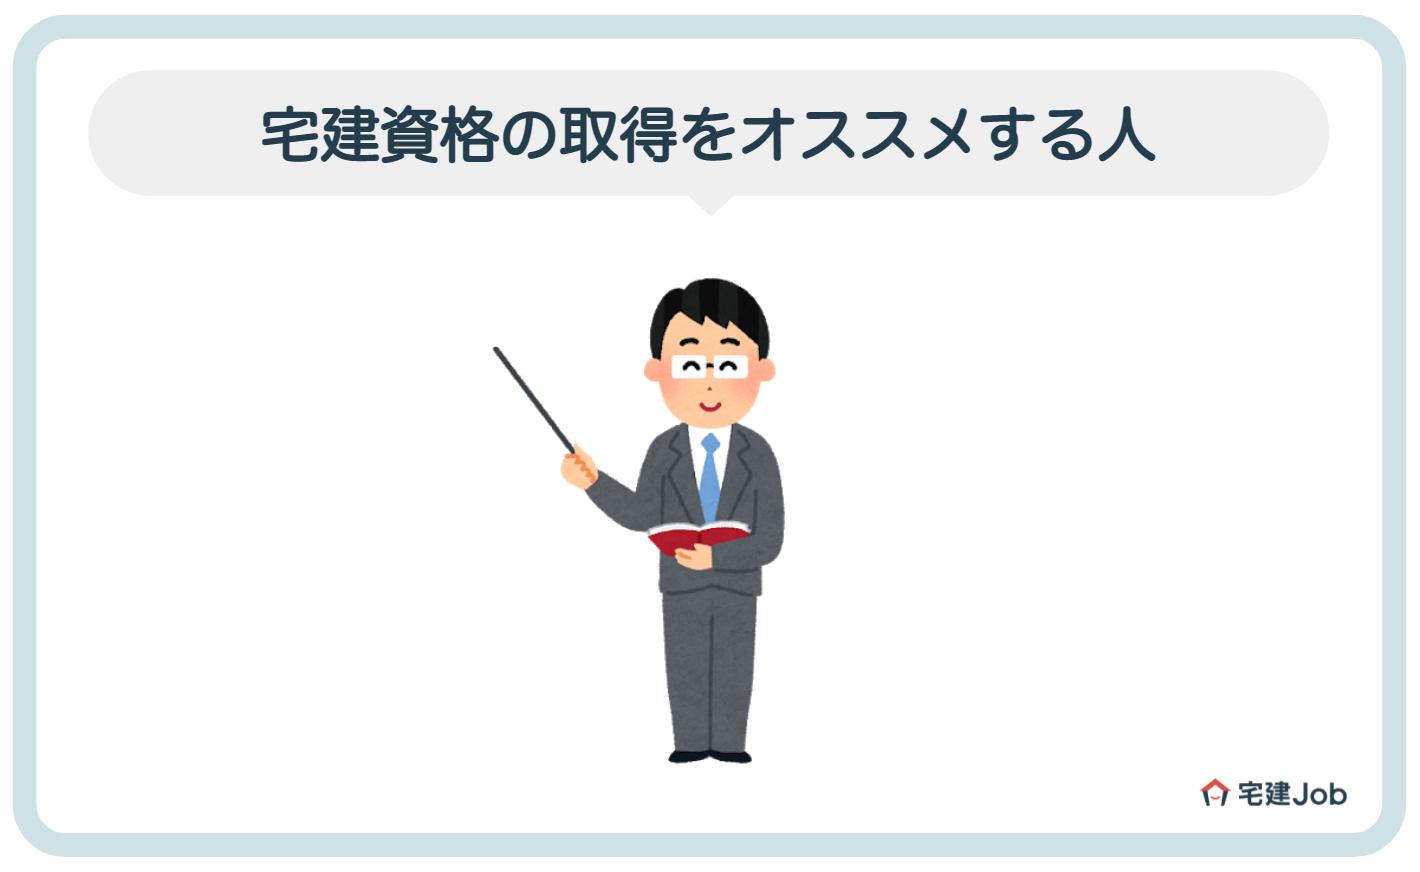 3.宅建資格の取得をオススメする人【きつい以上のメリット】